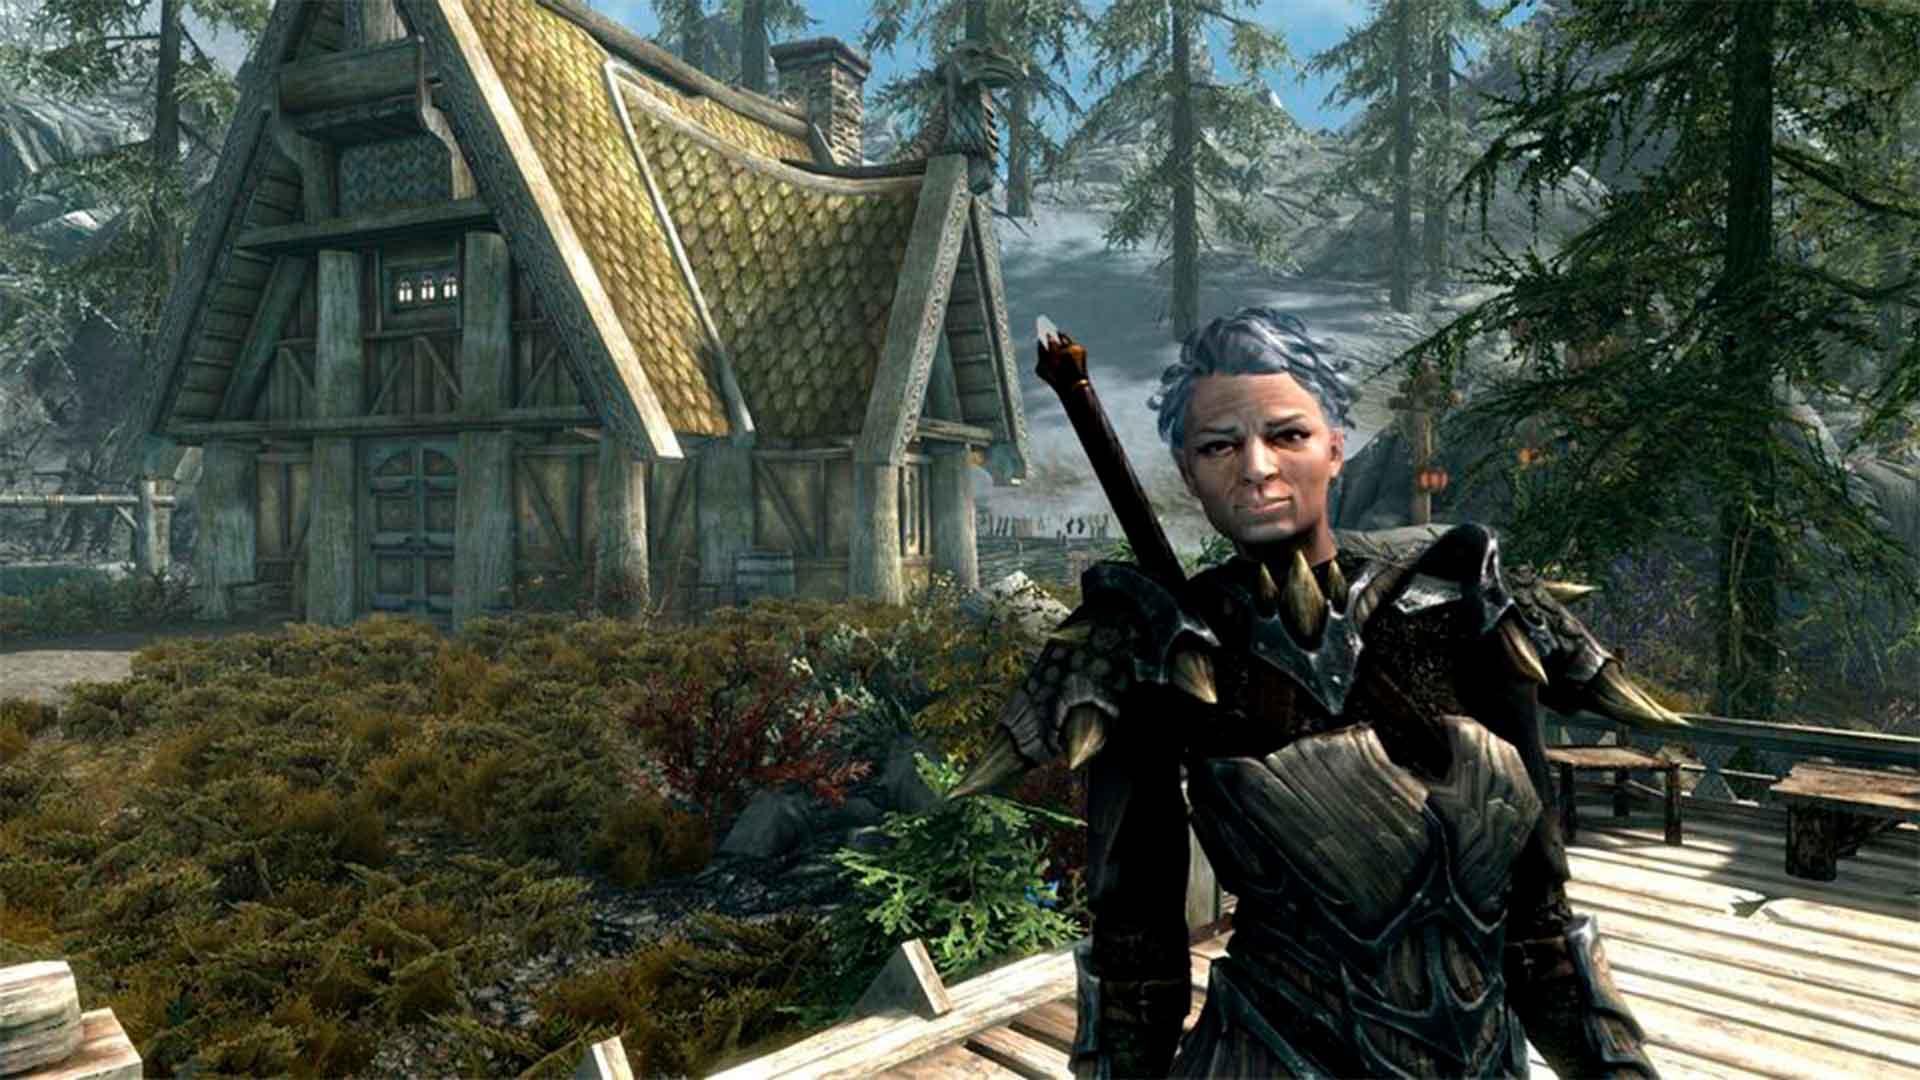 Skyrim Grandma, Mod, GamersRD